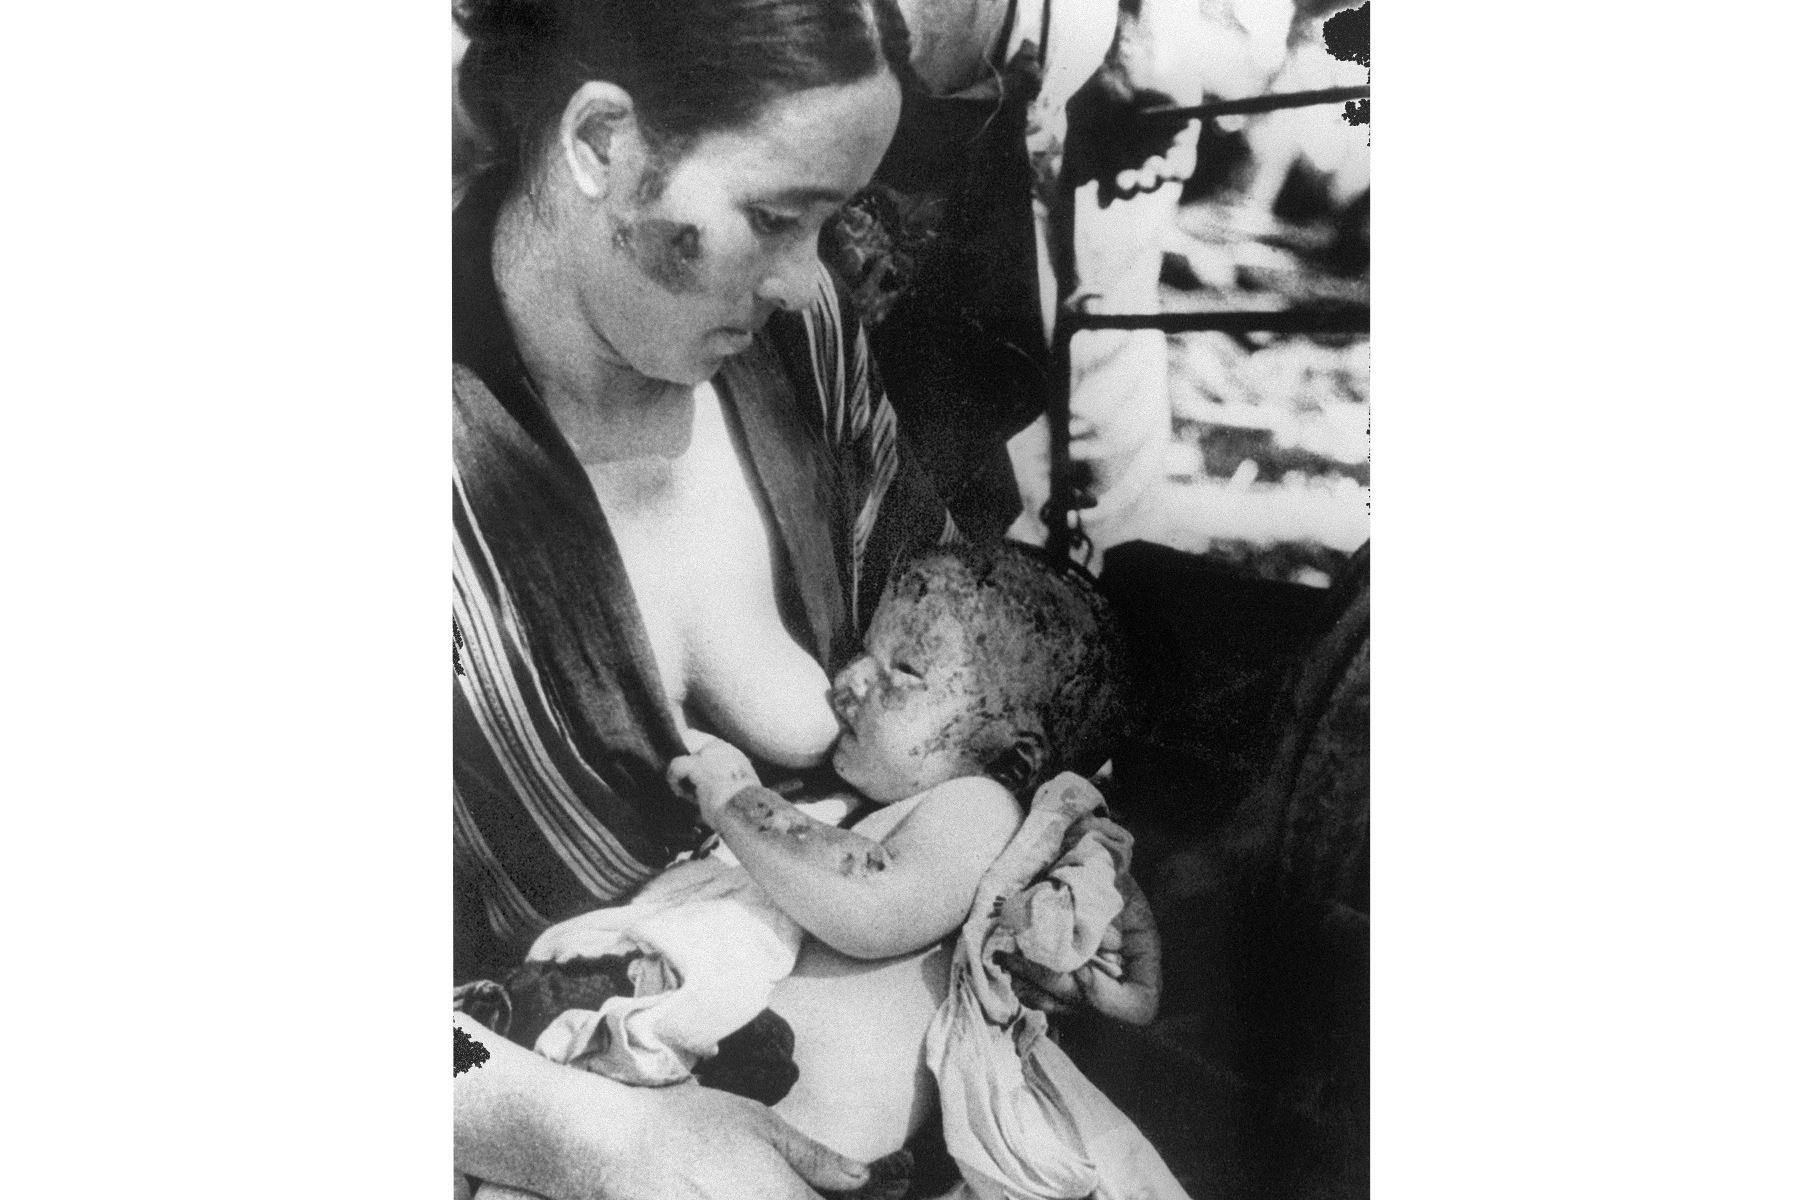 10 de agosto de 1945. Una mujer amamanta a su hijo quemado después del bombardeo atómico en Hiroshima por el ejército de los Estados Unidos. Foto: AFP